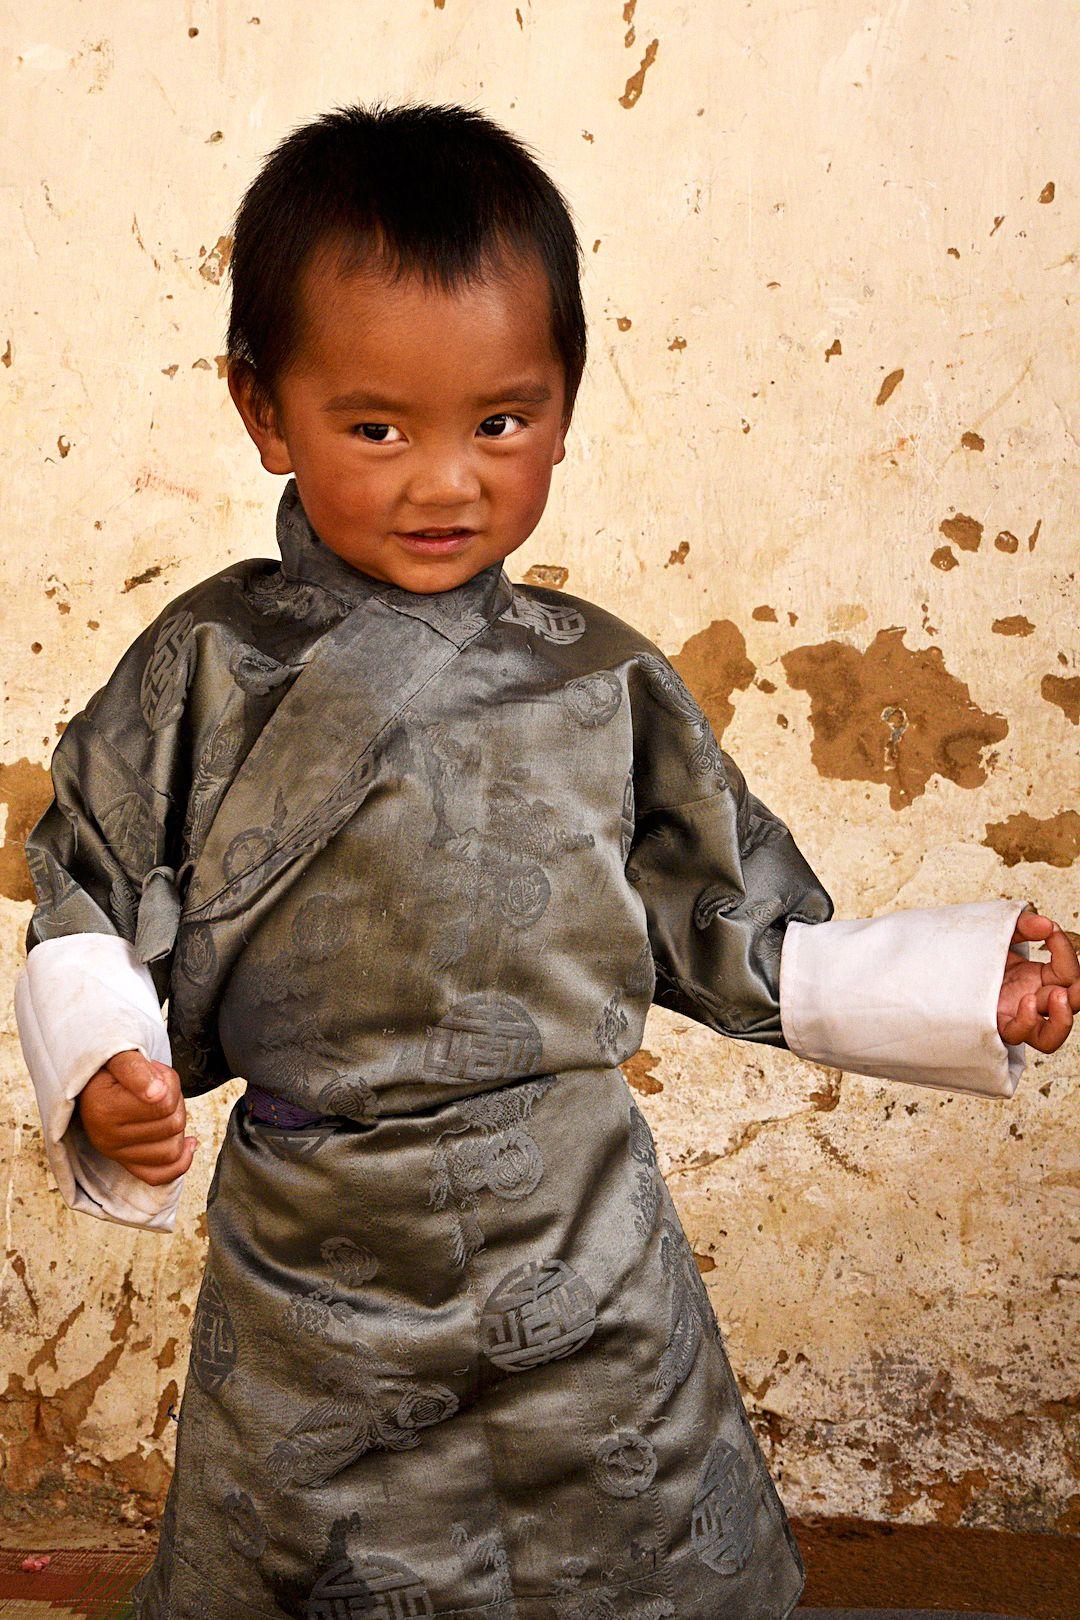 Bhutans festival pictures